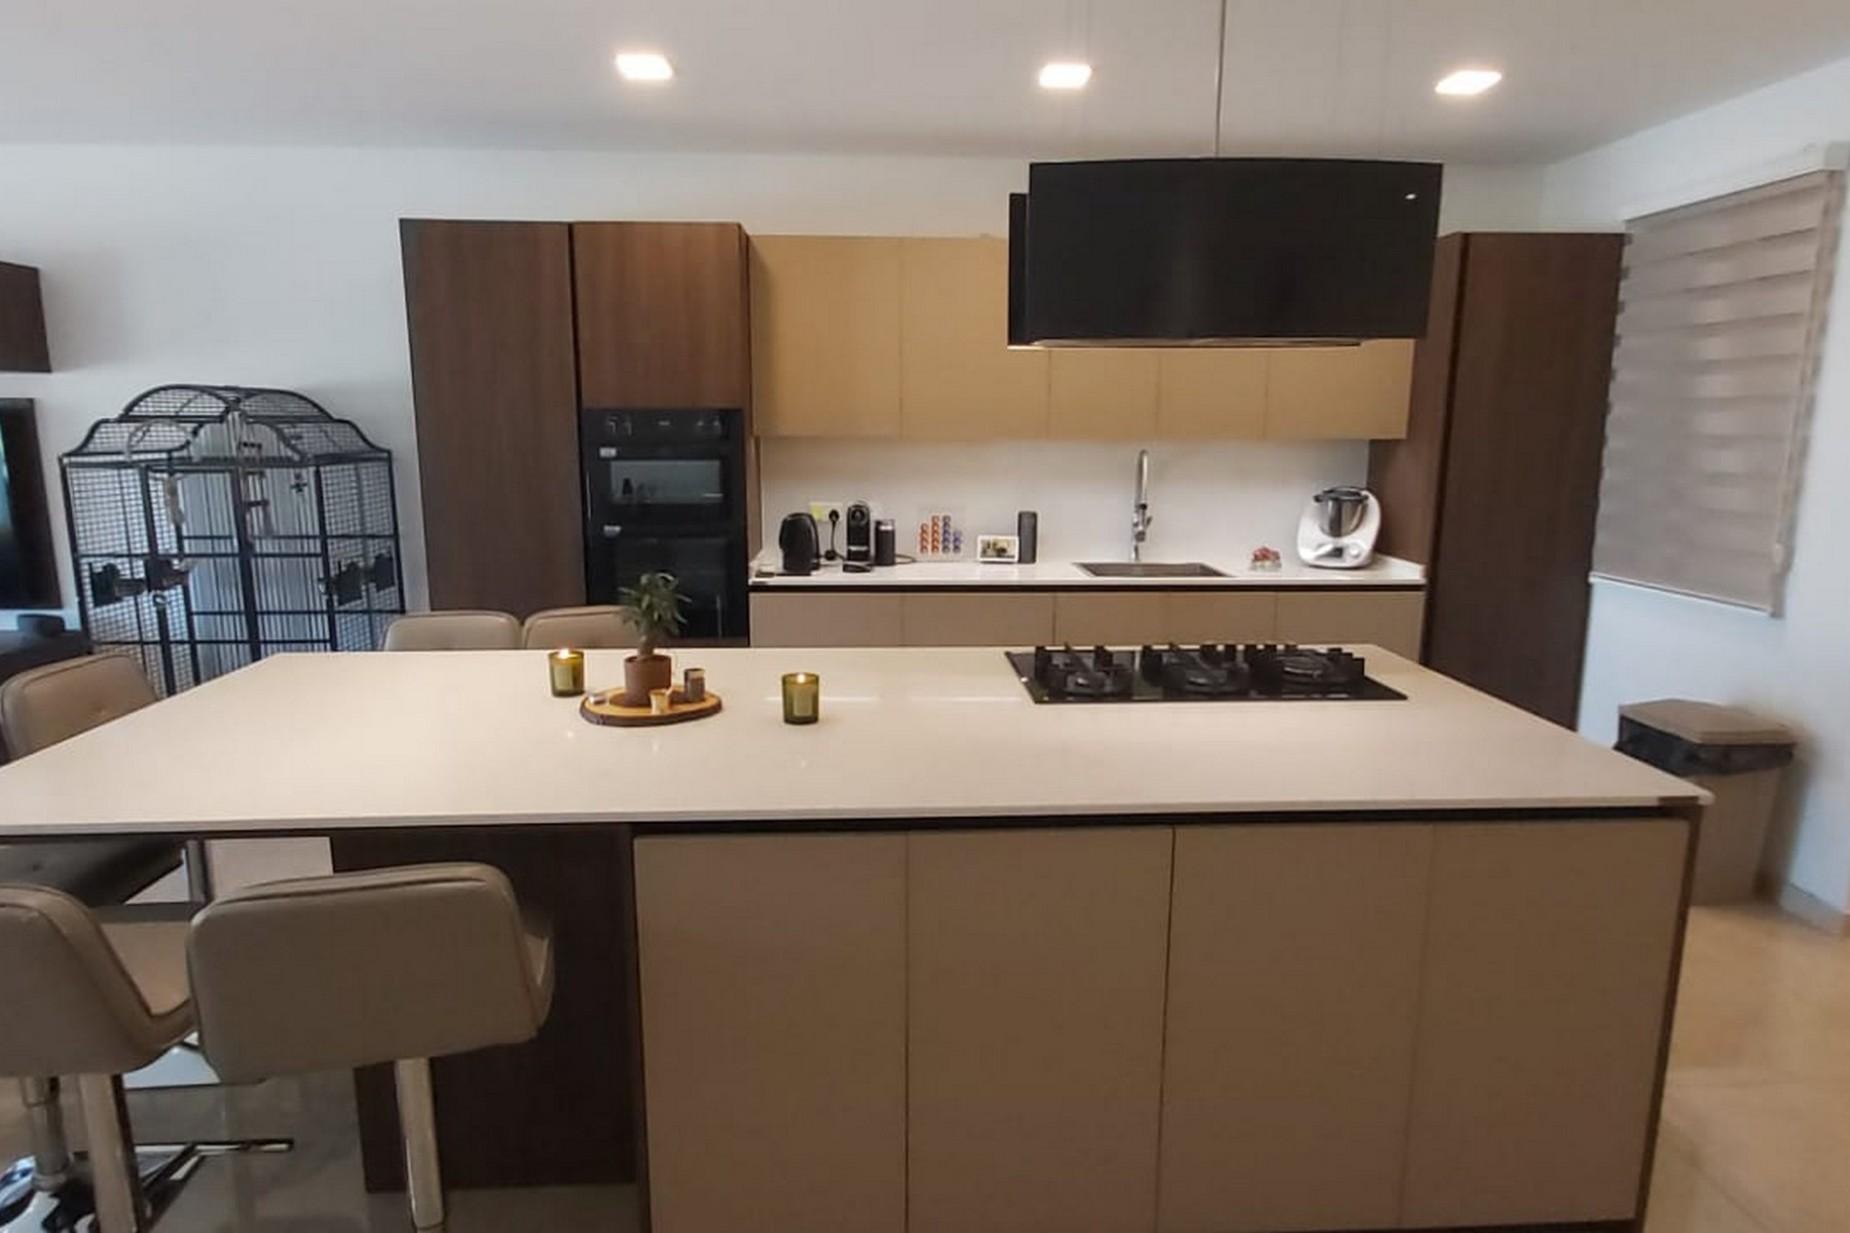 4 bed Apartment For Sale in Santa Venera, Santa Venera - thumb 6